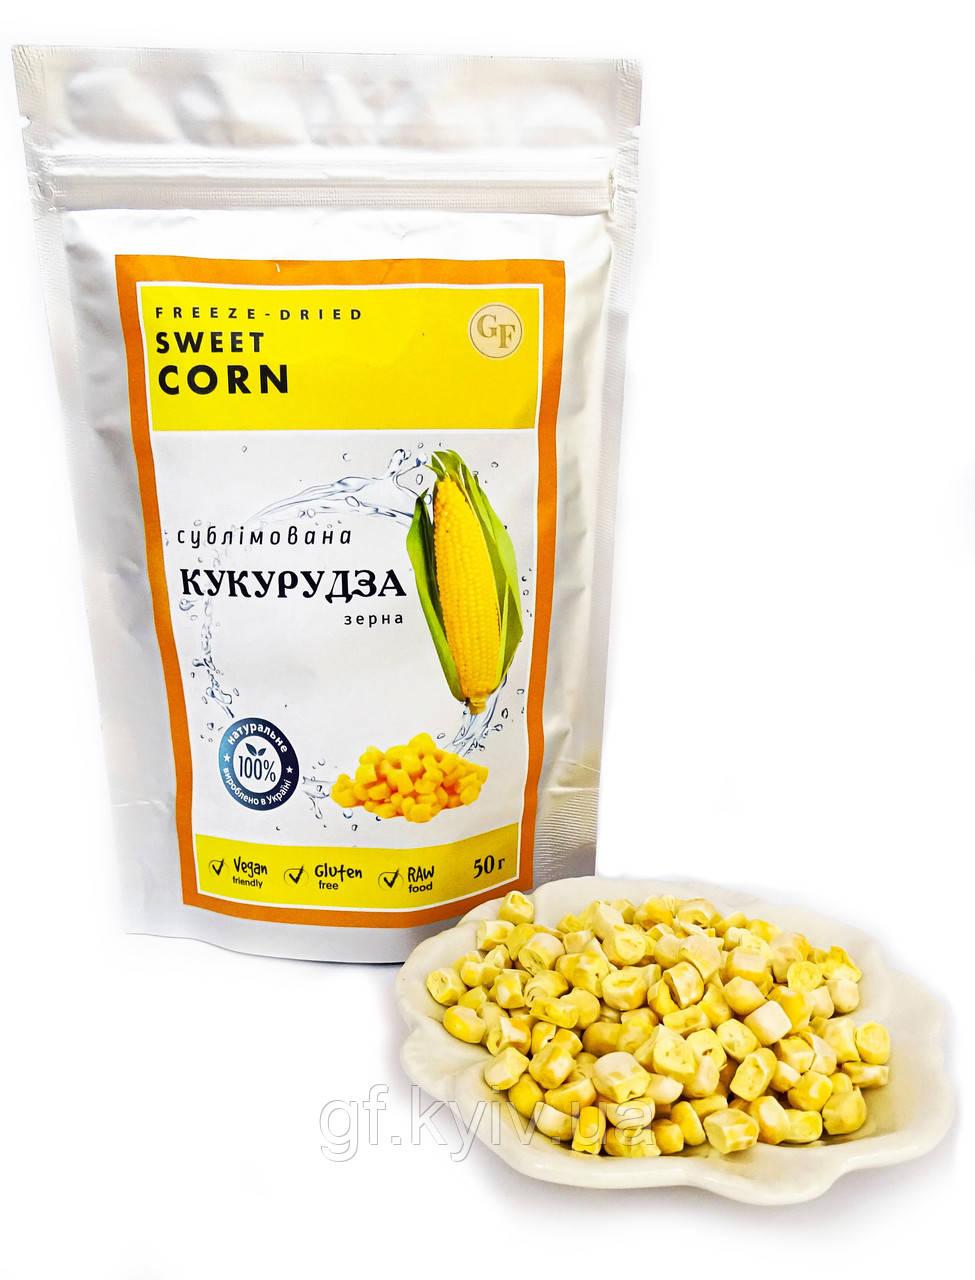 Кукуруза зерна 100г сублимированная натуральная от украинского производителя